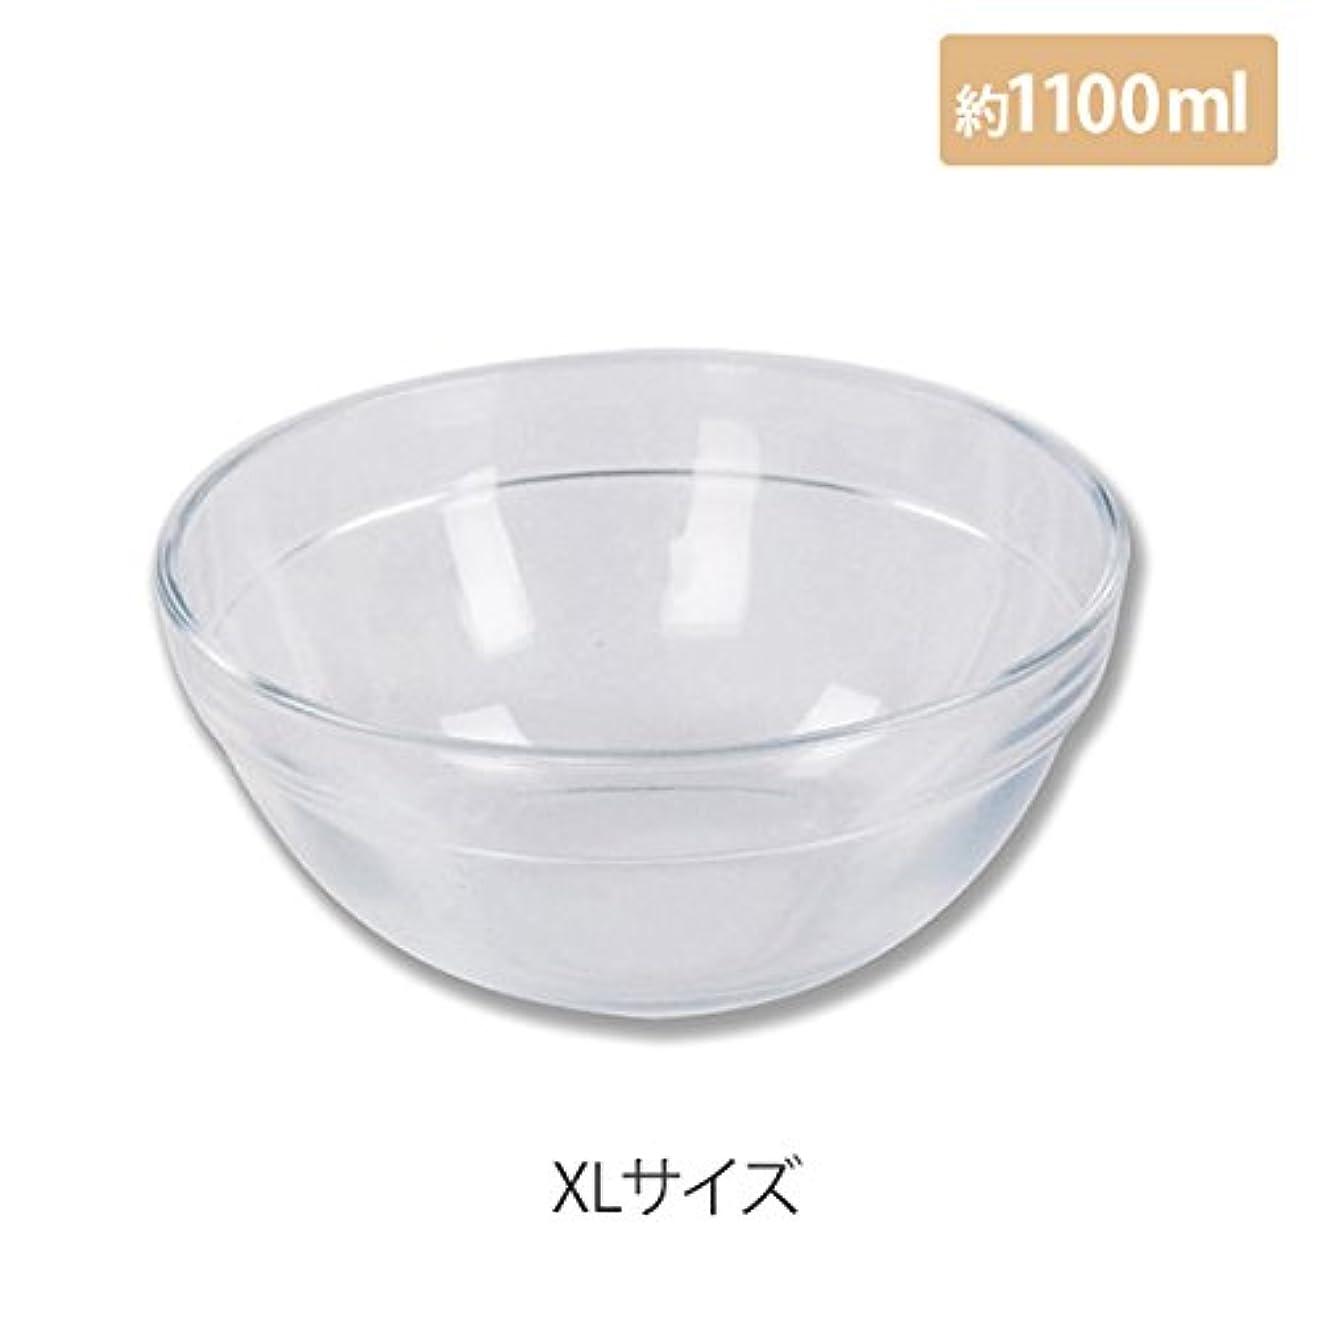 フォーマットオピエートちなみにマイスター プラスティックボウル (XLサイズ) クリア 直径20cm [ プラスチックボール カップボウル カップボール エステ サロン プラスチック ボウル カップ 割れない ]